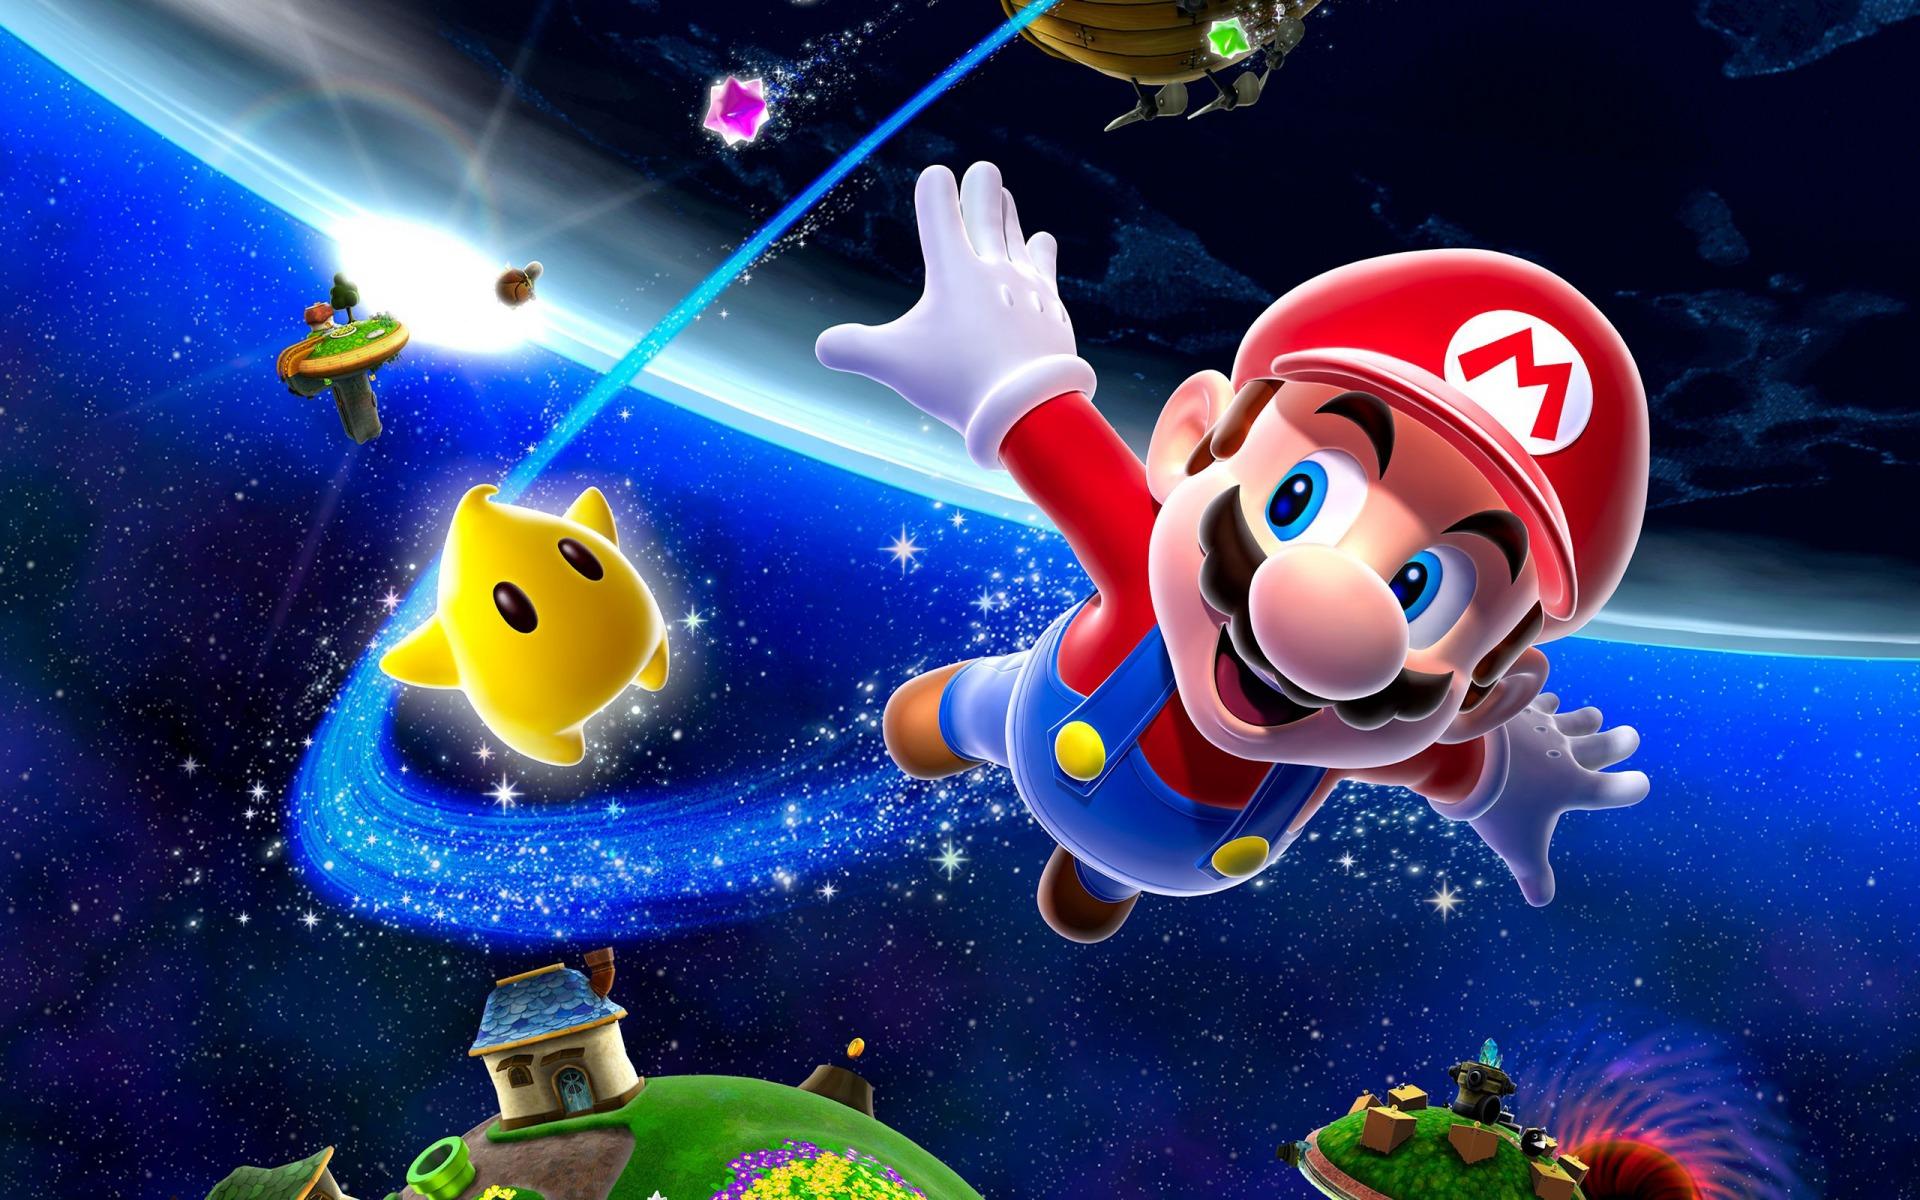 Uśmiecham się od ucha do ucha. Nintendo zaczęło tworzyć zwiastuny po polsku